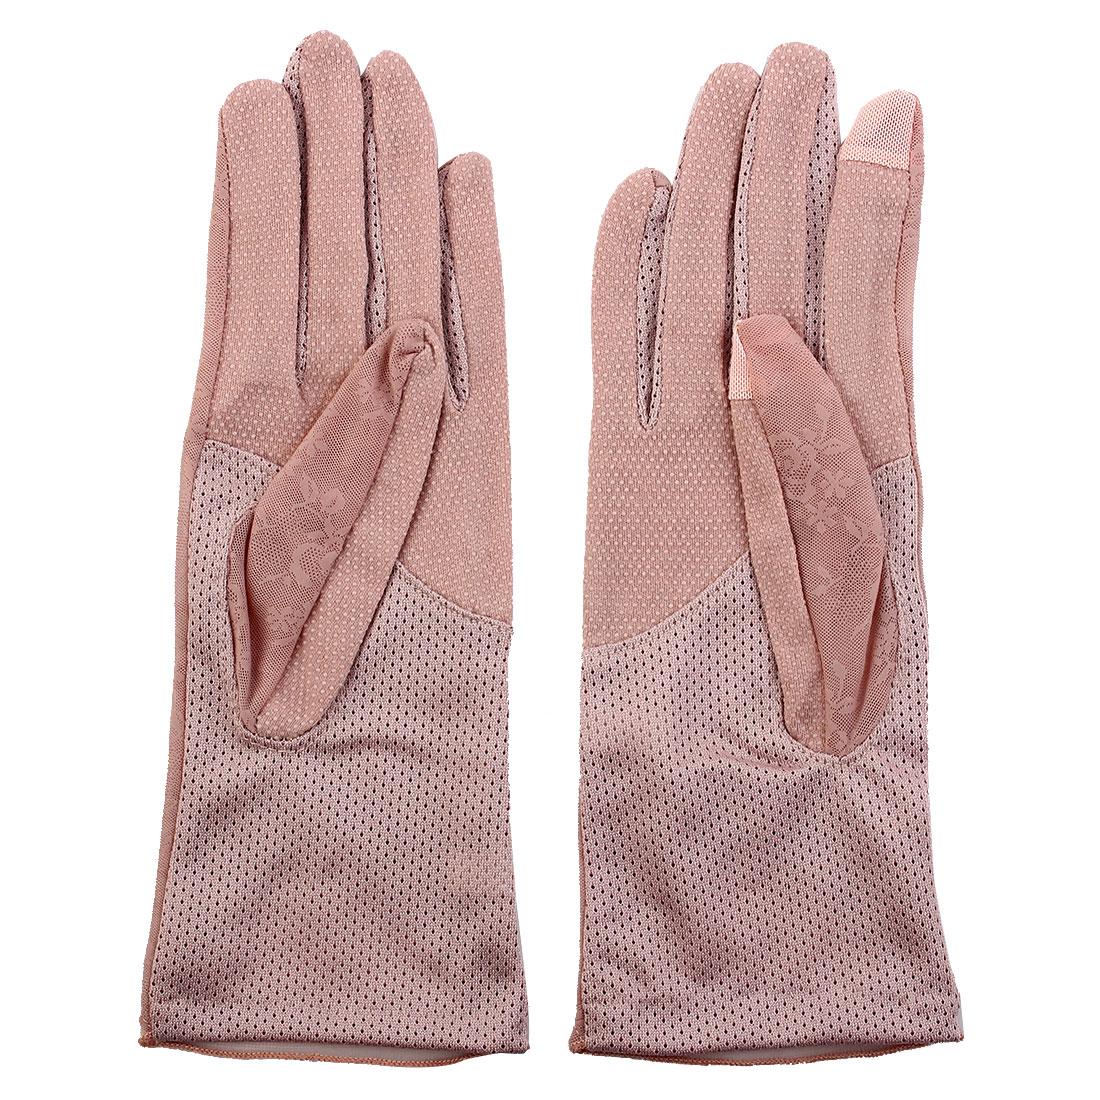 Outdoor Travel Driving Flower Decor Full Finger Non-slip Sun Resistant Gloves Pink Pair for Women Ladies